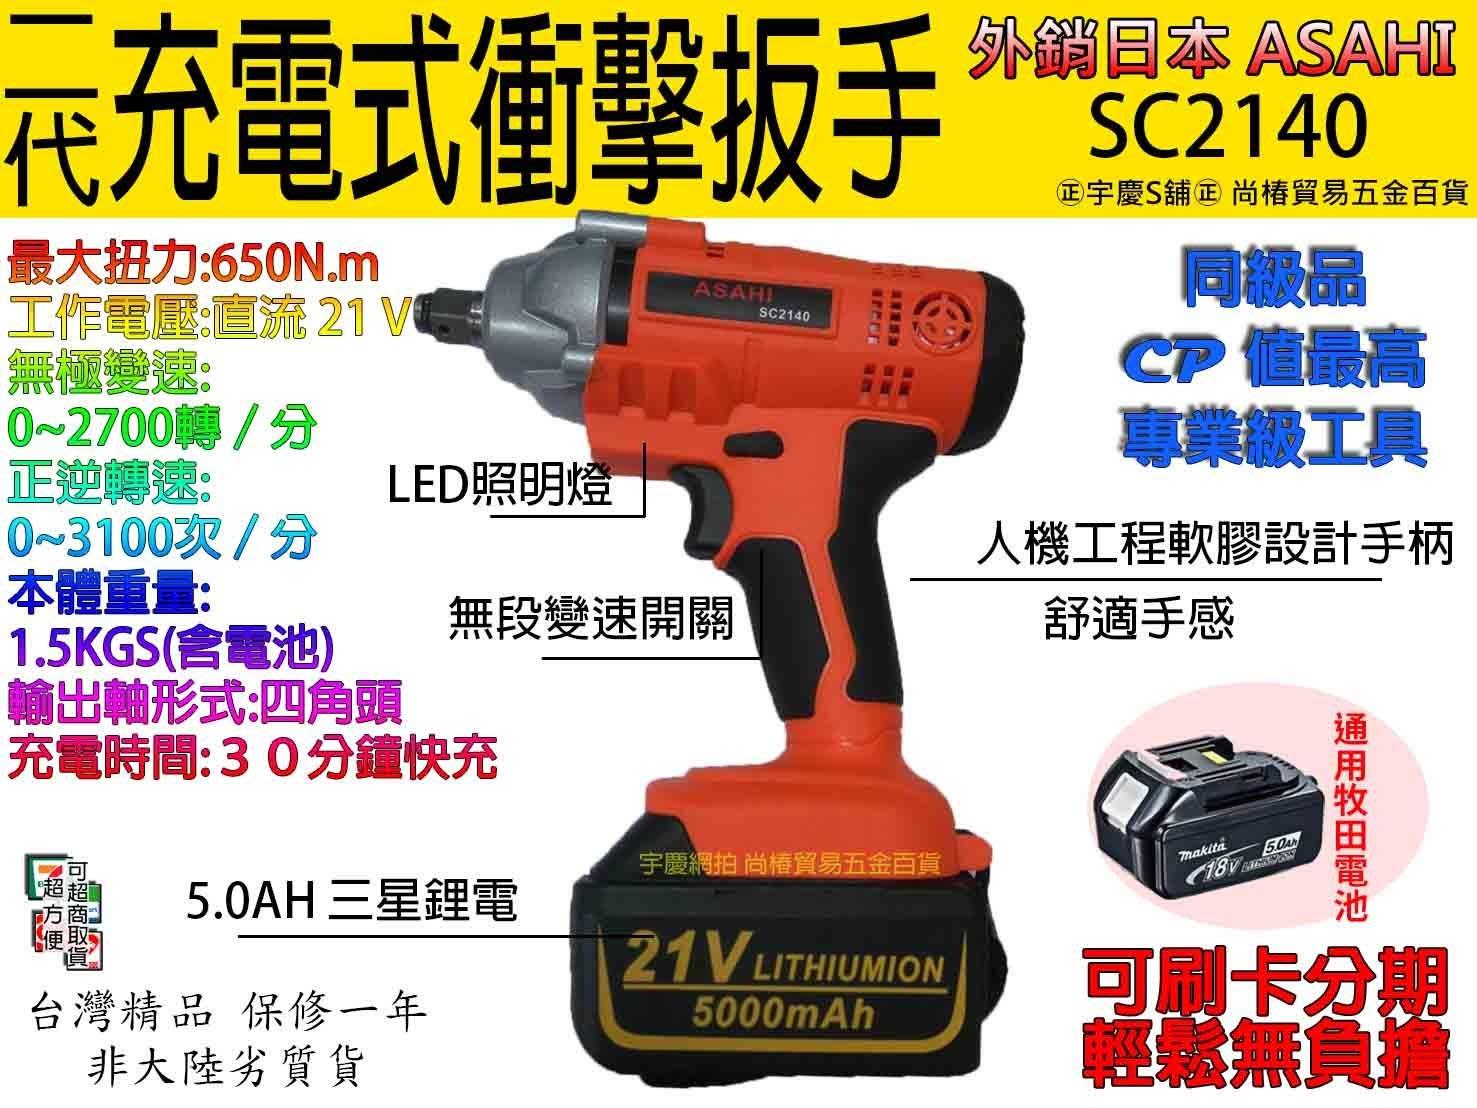 刷卡分期|扭力650n.m ASAHI二代 21V4.0AH SC2140電動起子機/充電電動板手 icd1431單電池